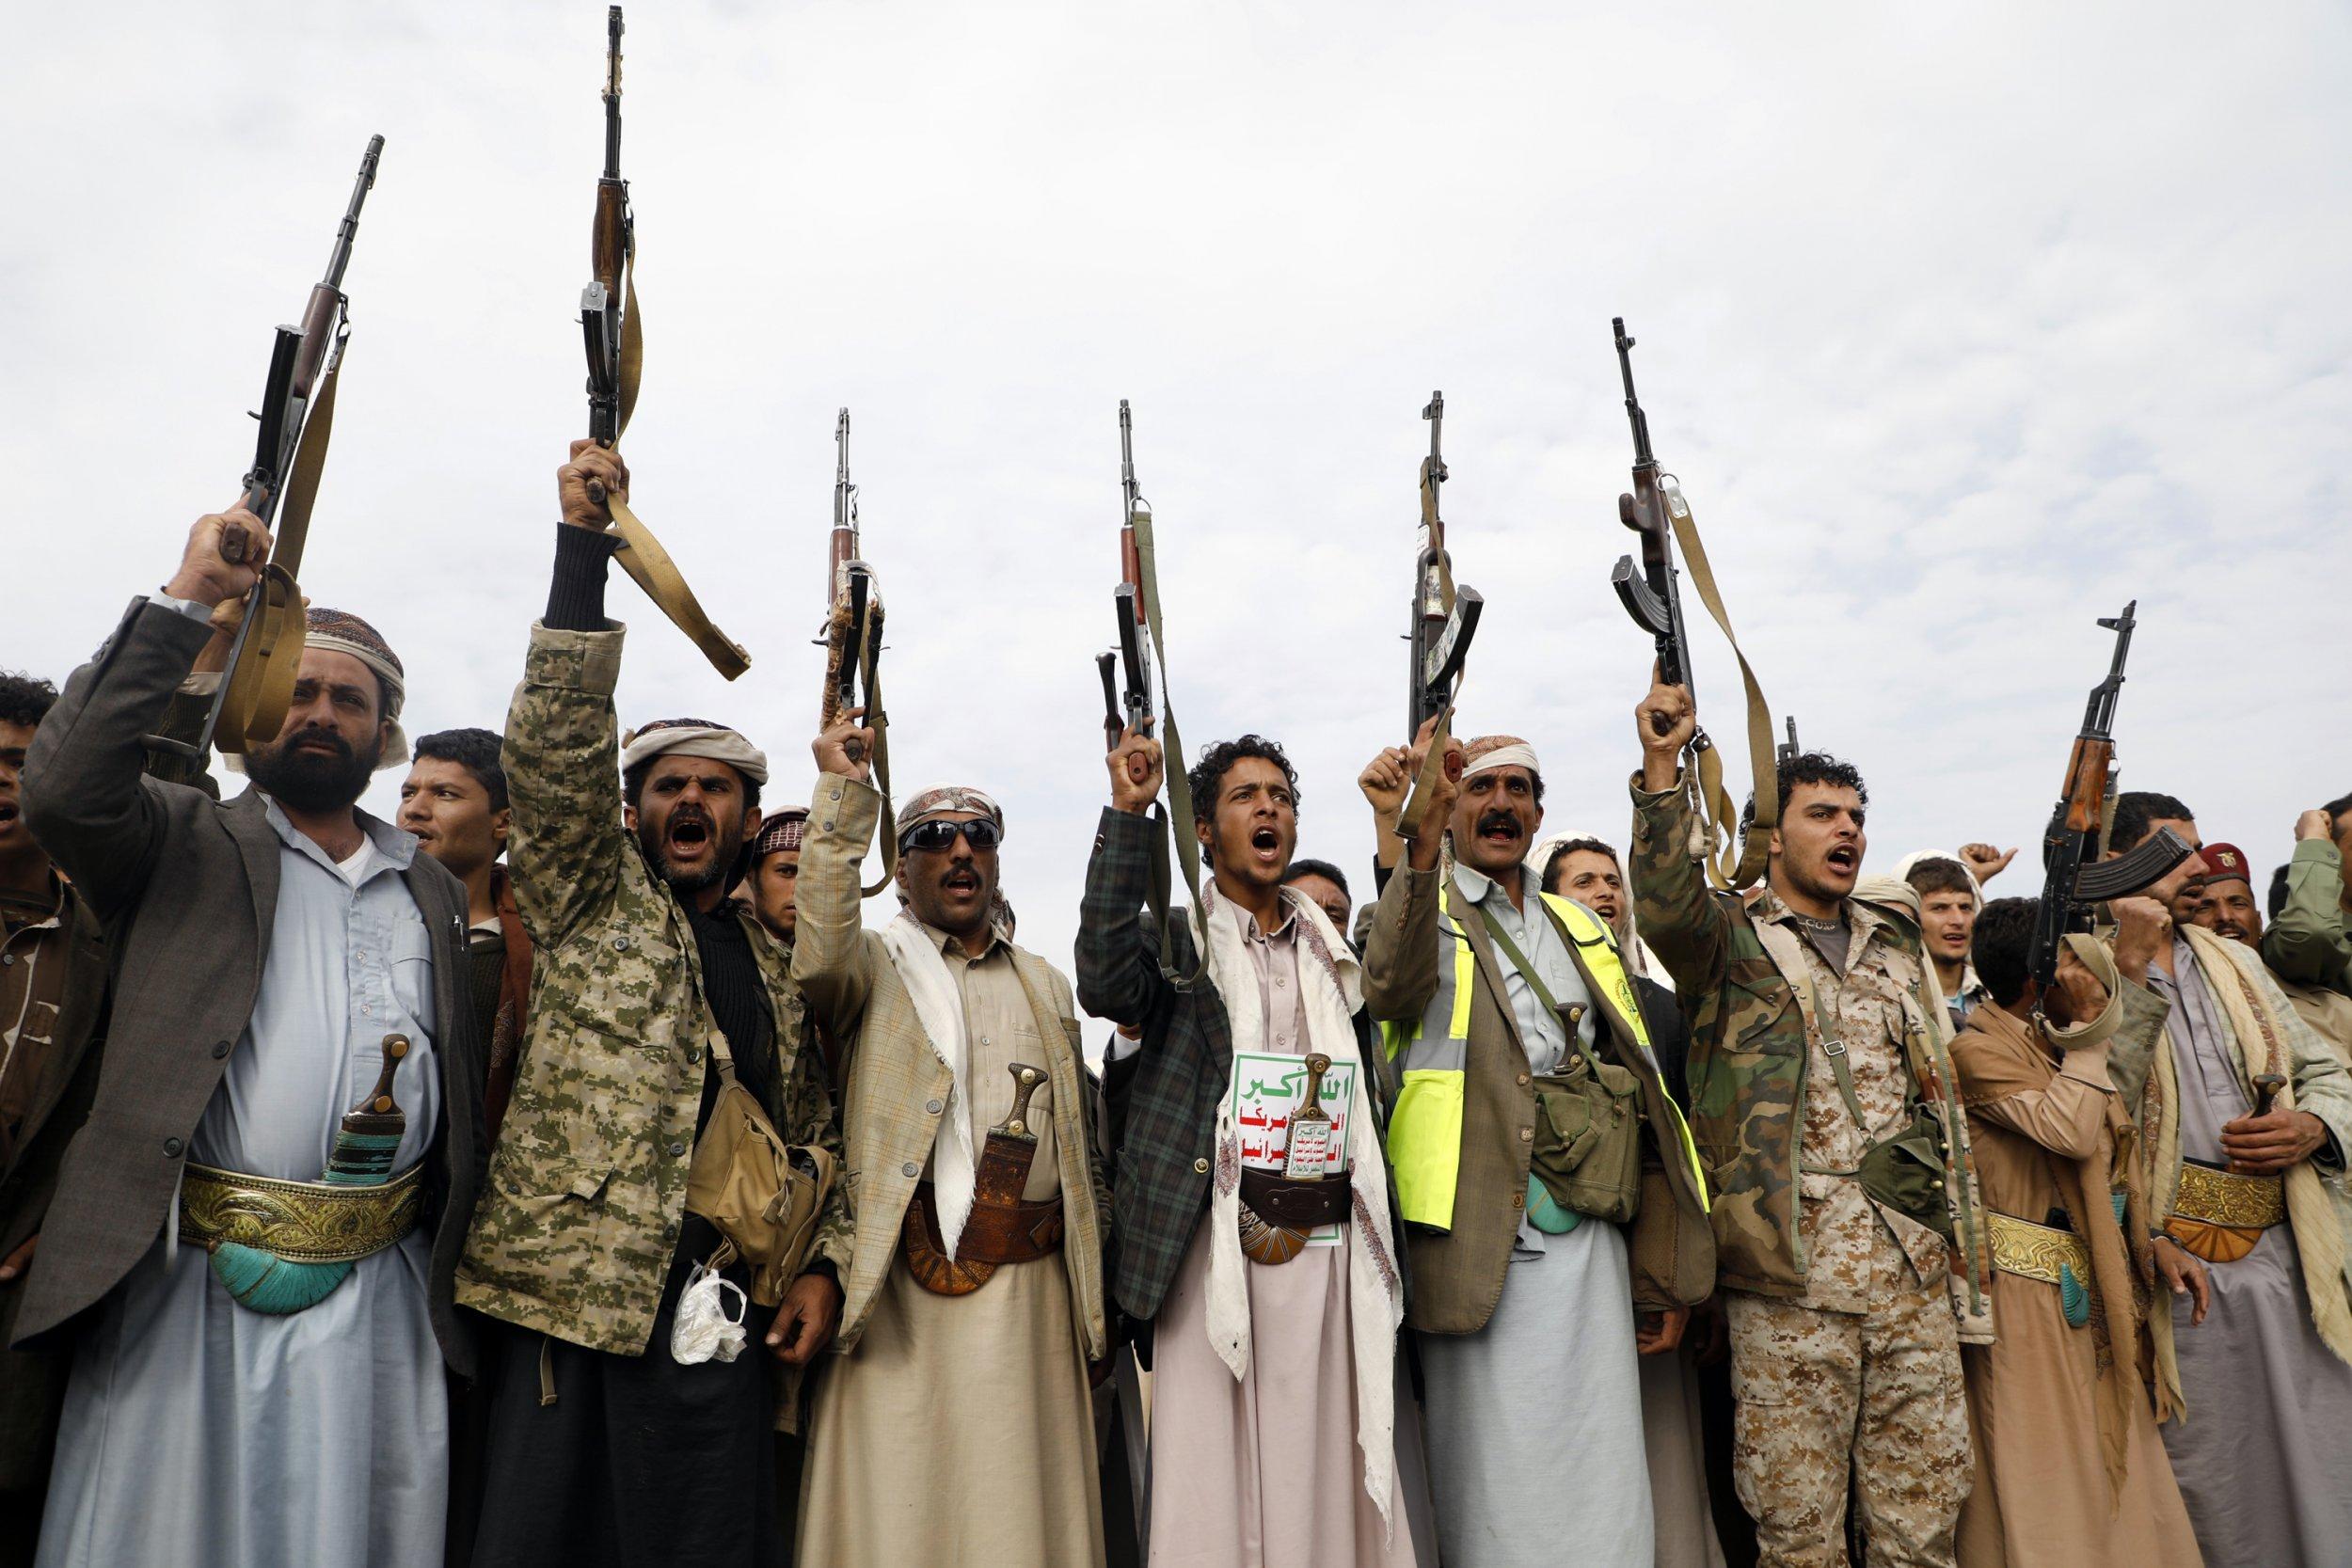 Houthis in Yemen